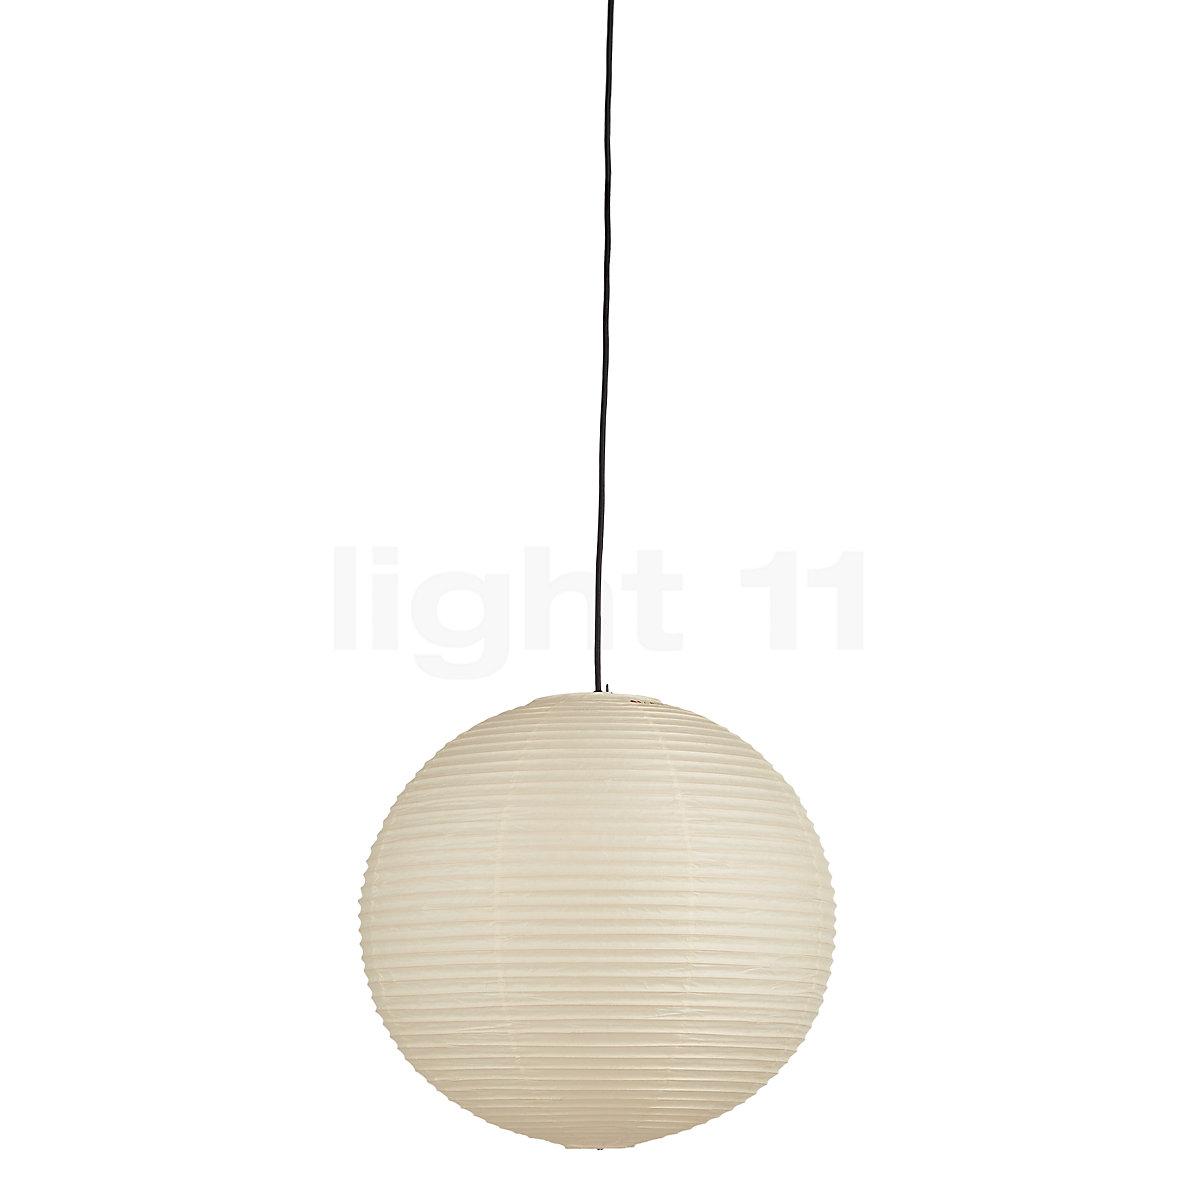 Buy Vitra Akari A Pendant Light At Light11 Eu